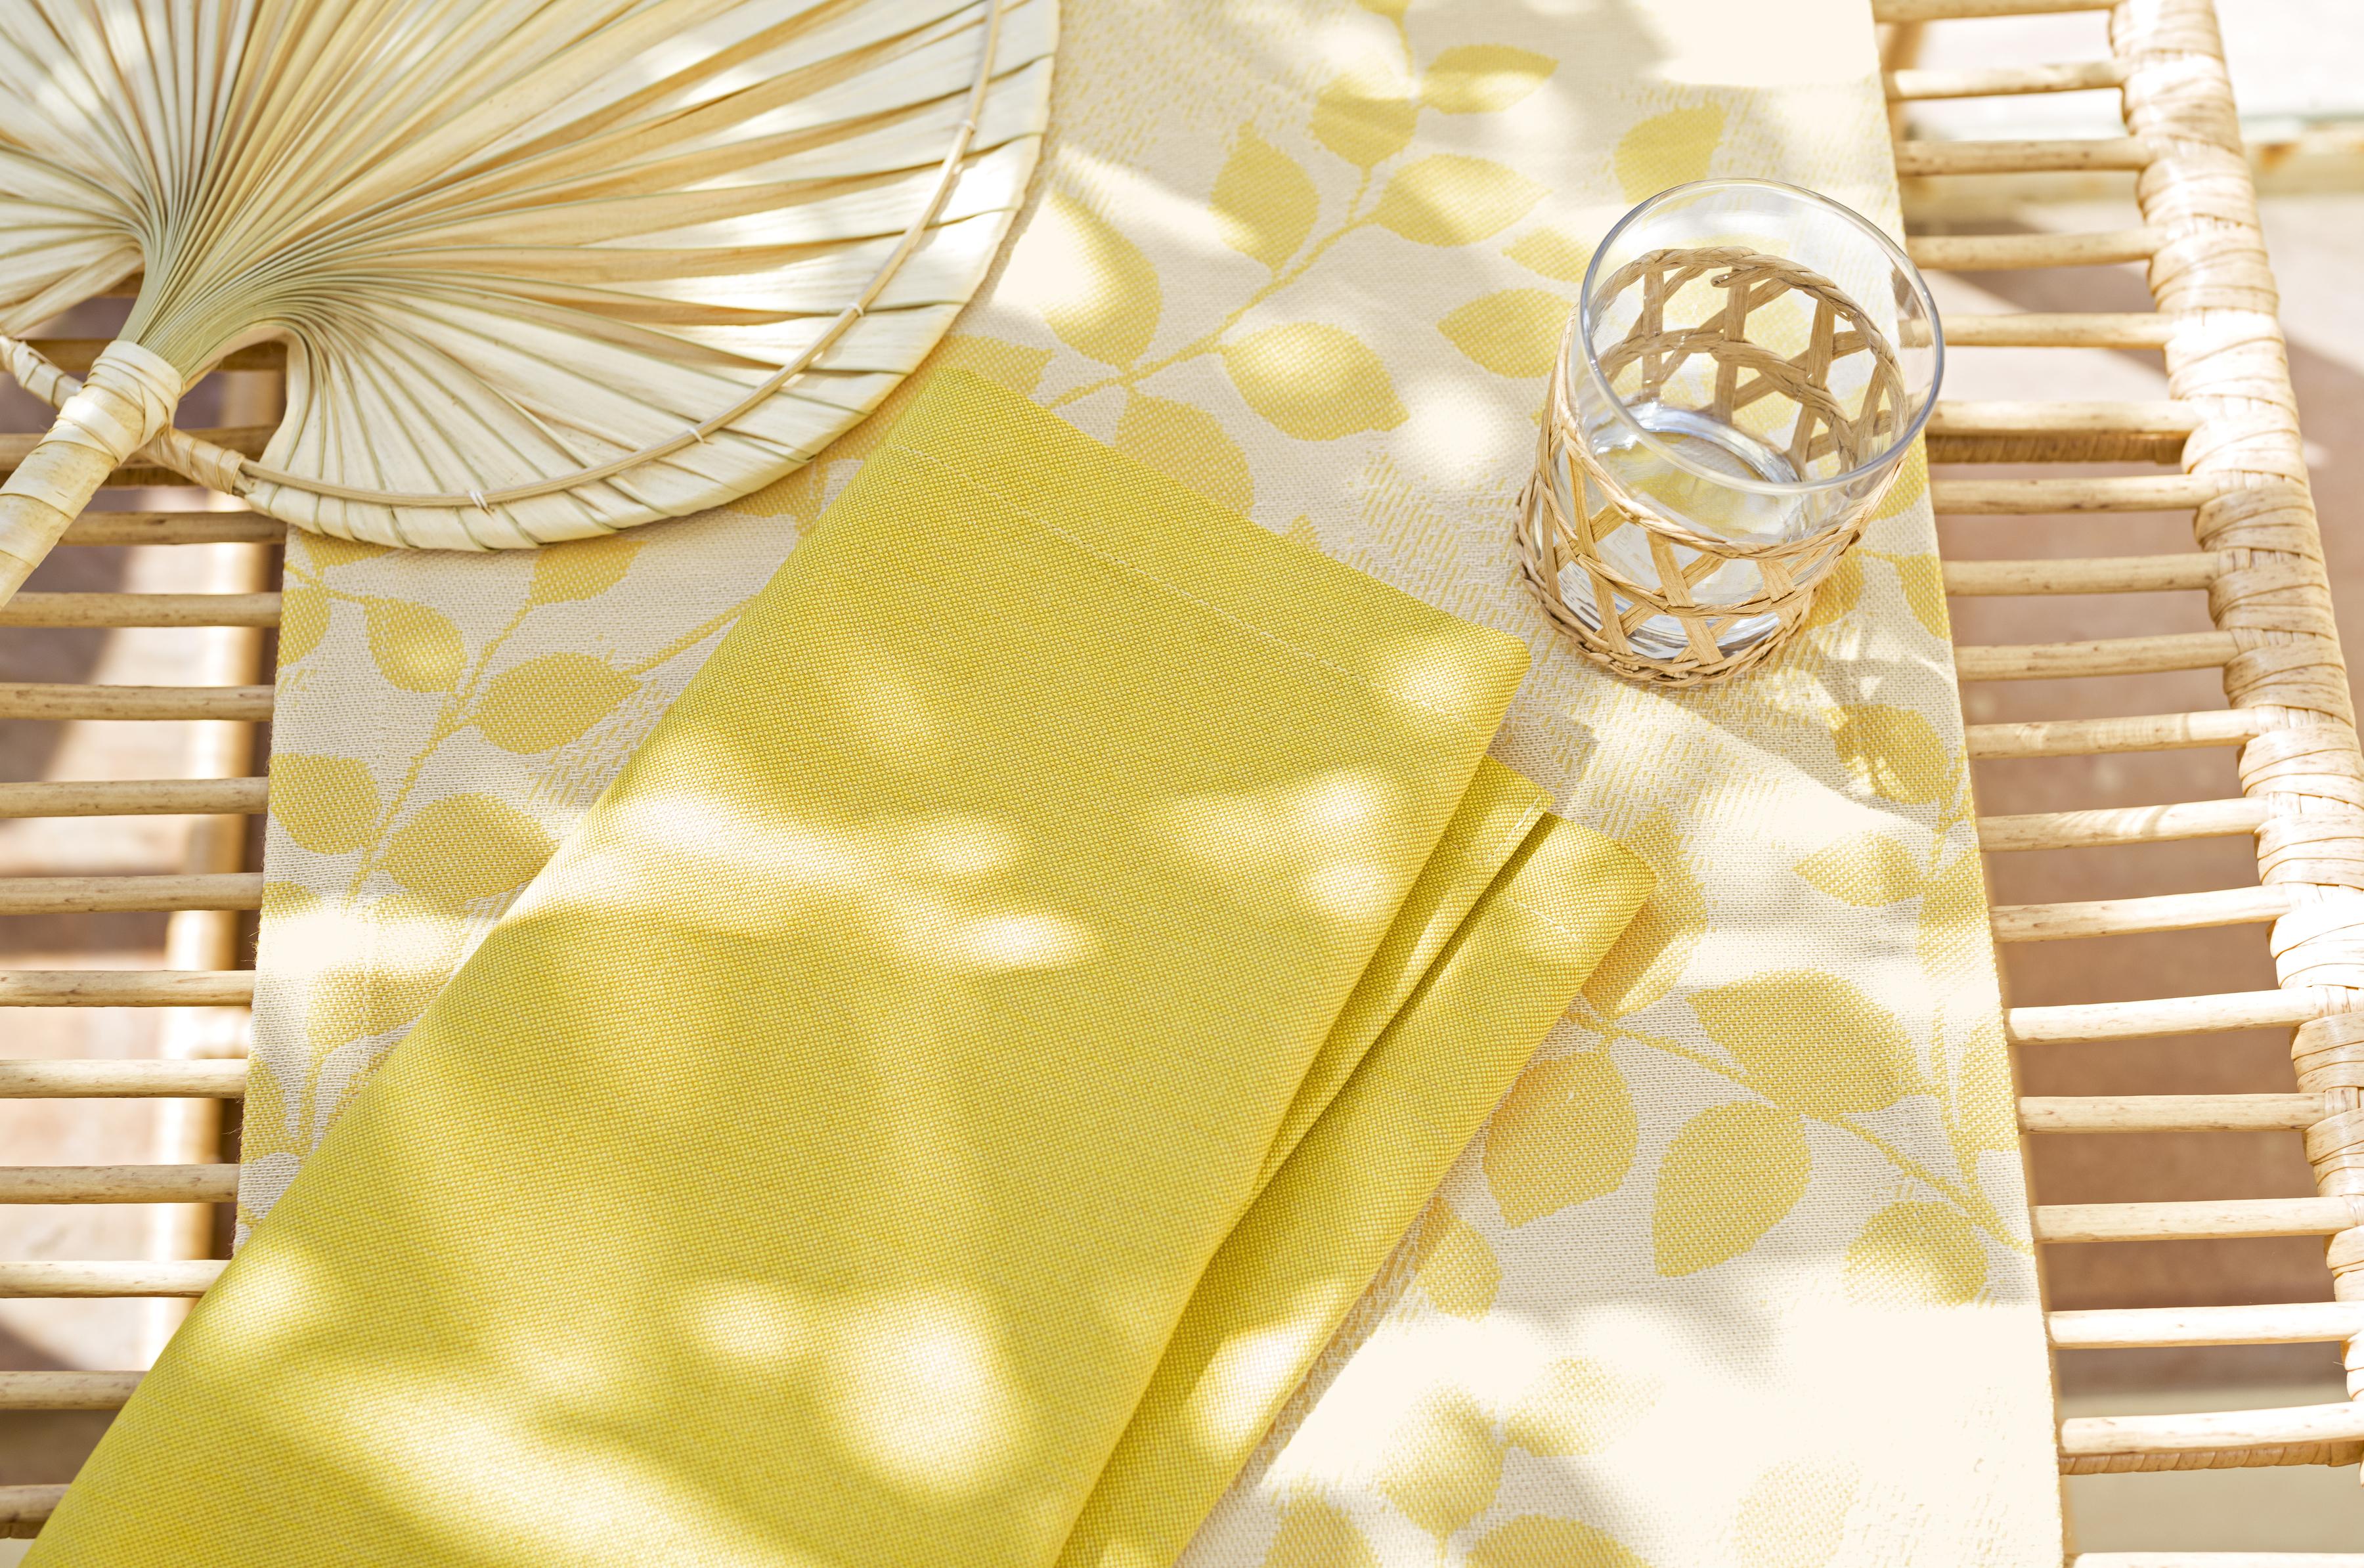 Chemin de table outdoormotif floral jaune Dralon 145x40